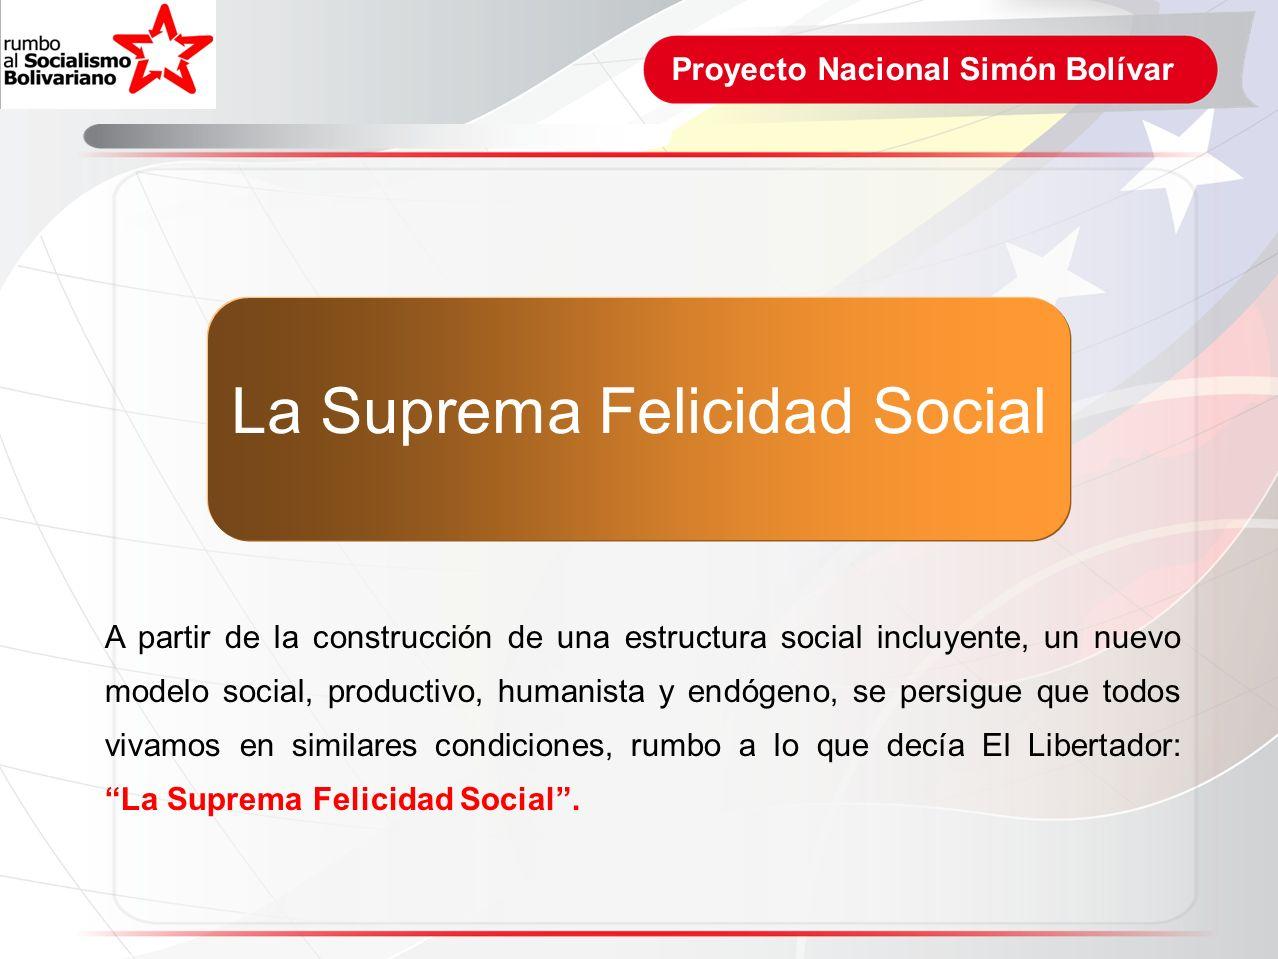 La Suprema Felicidad Social